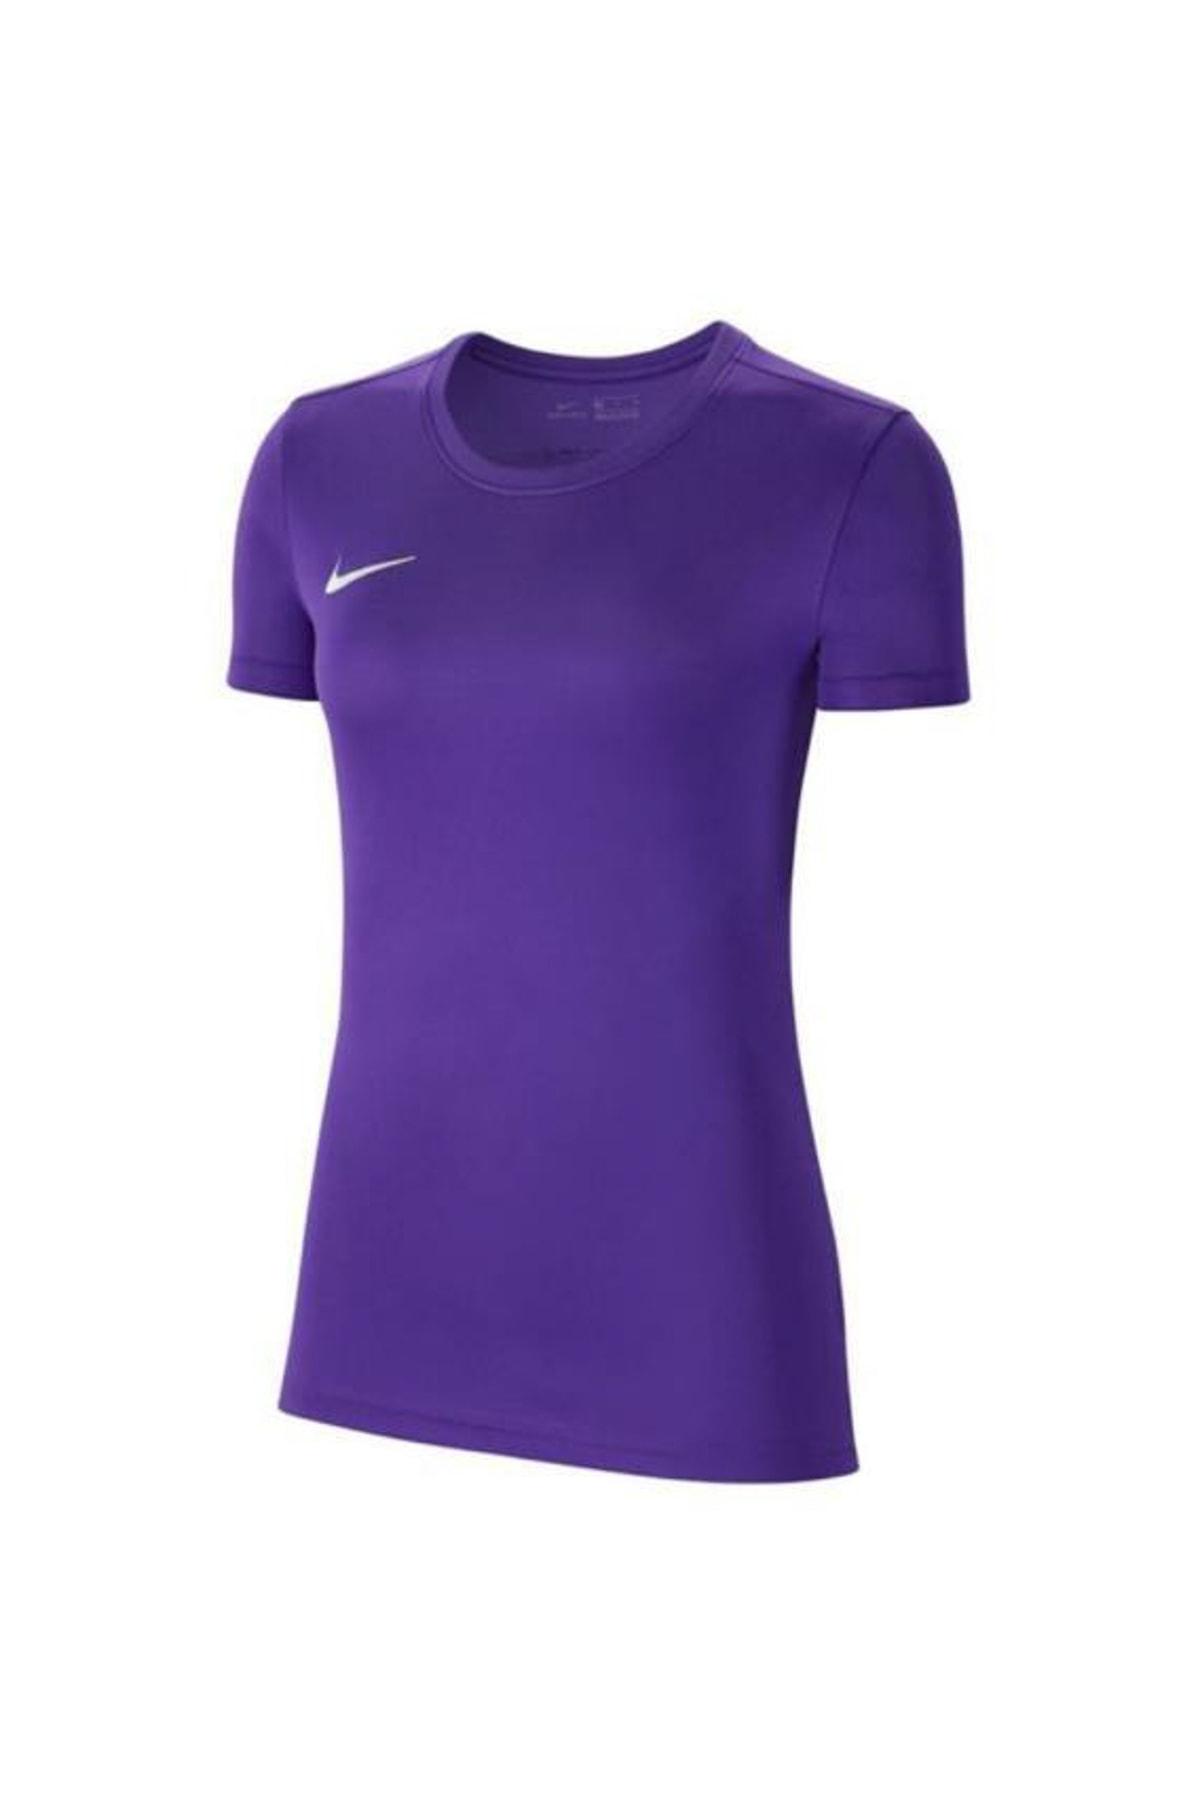 خرید نقدی تیشرت ورزشی مردانه فروشگاه اینترنتی مارک نایک رنگ بنفش کد ty35907409